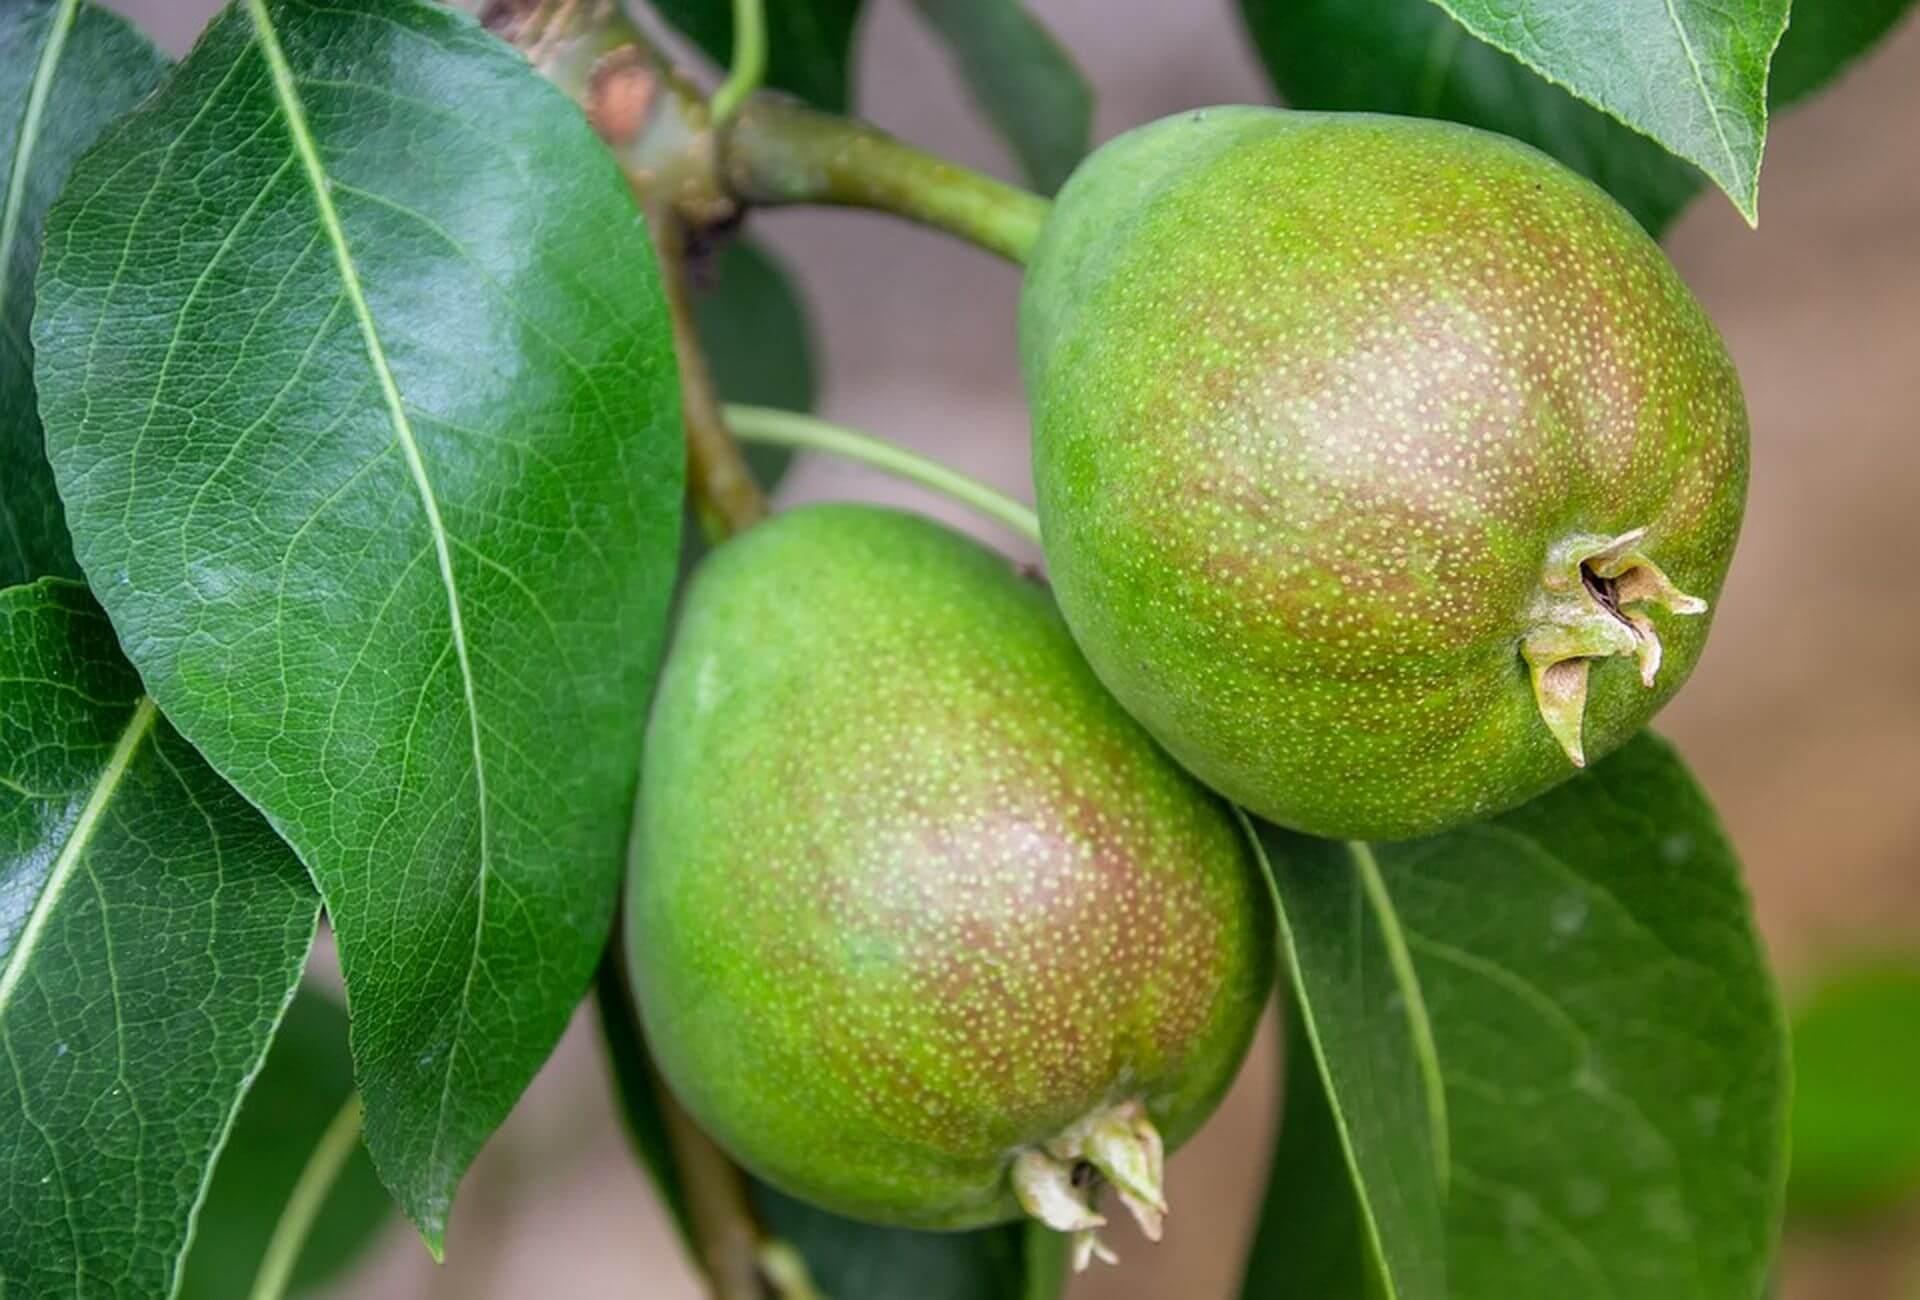 Как ускорить рост саженцев и ускорить плодоношение груши